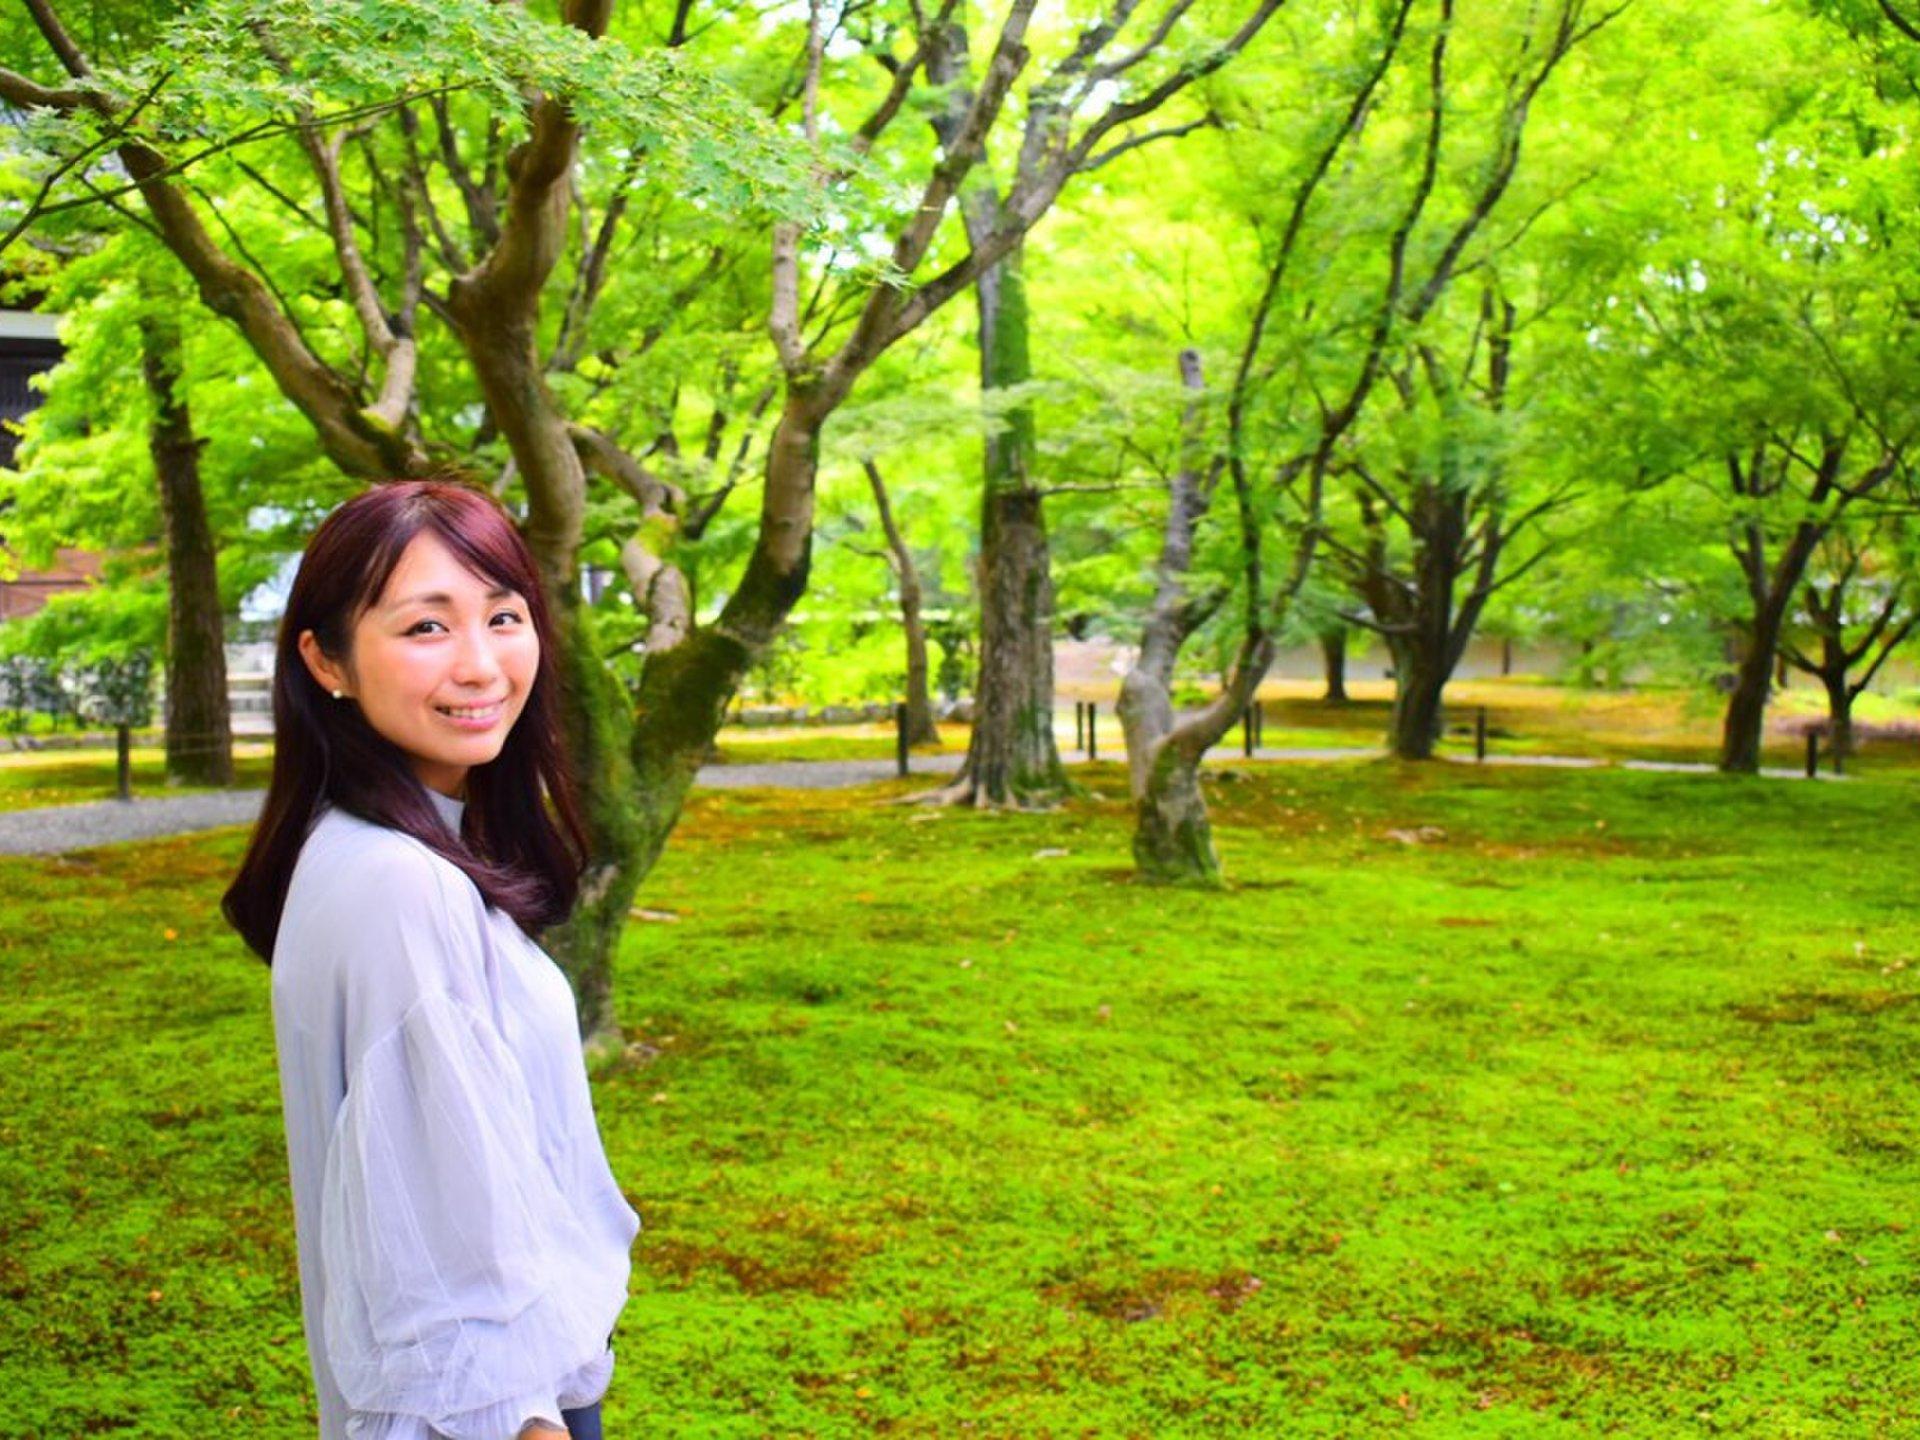 疲れているあなたへ!京都で人気のお出かけスポット東福寺の青紅葉を見てリフレッシュ旅してみてみない?